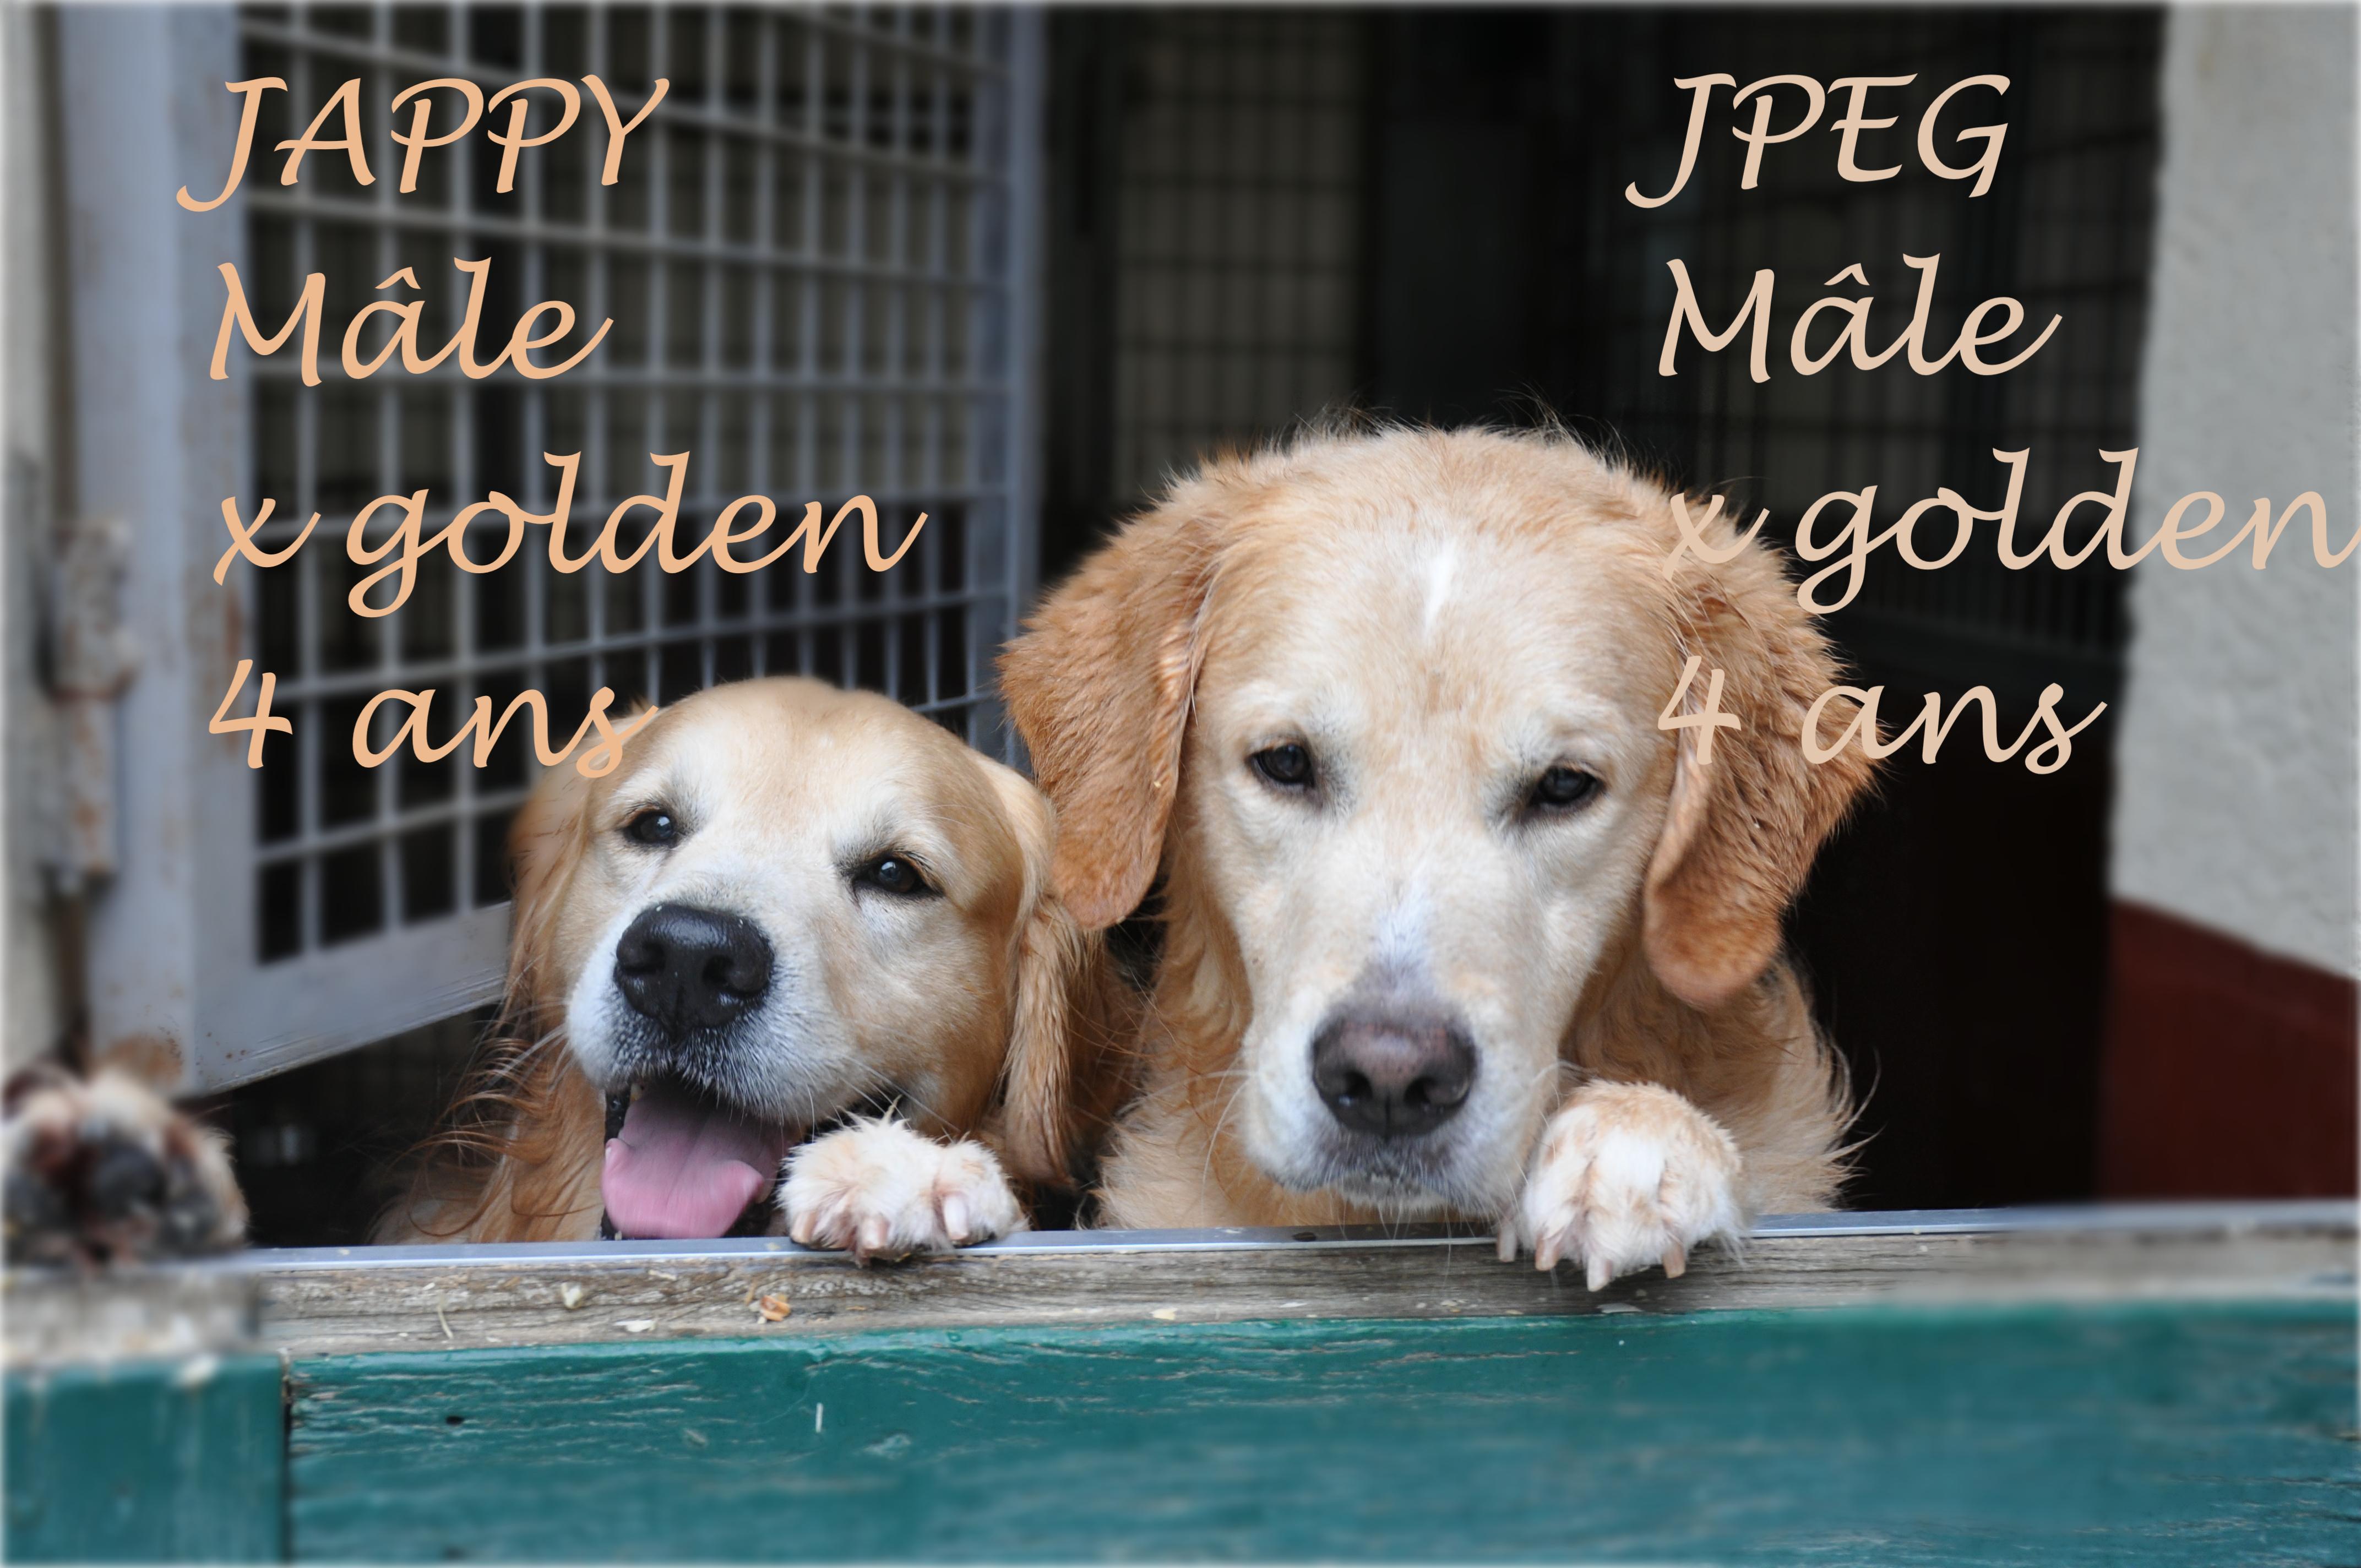 Jpeg et Jappy chiens golden de laboratoire réhabilités par l'association GRAAL